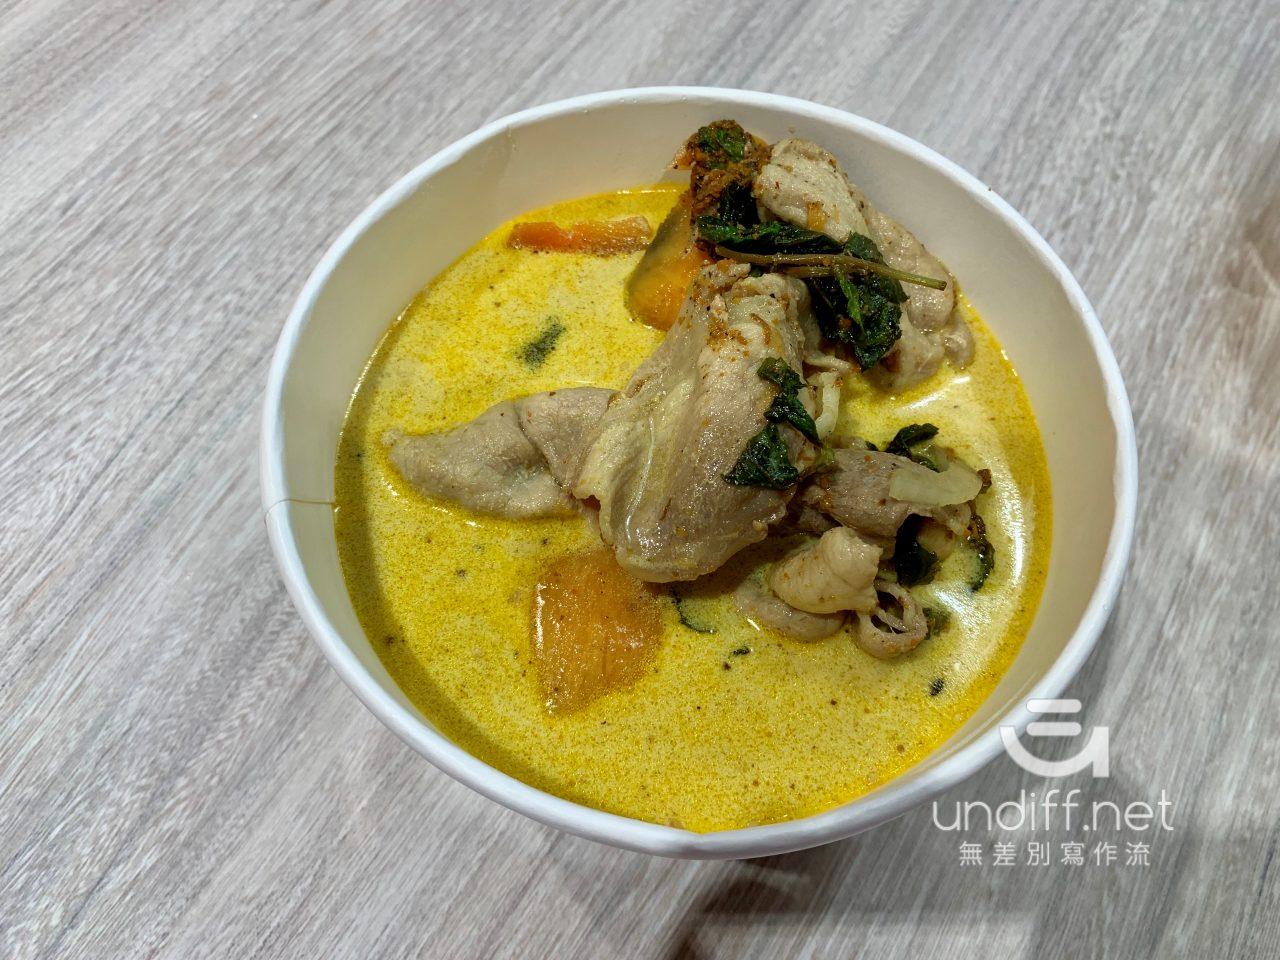 【內湖 訂便當日記】日嚐 Taste&Enjoy 南洋風味料理 22